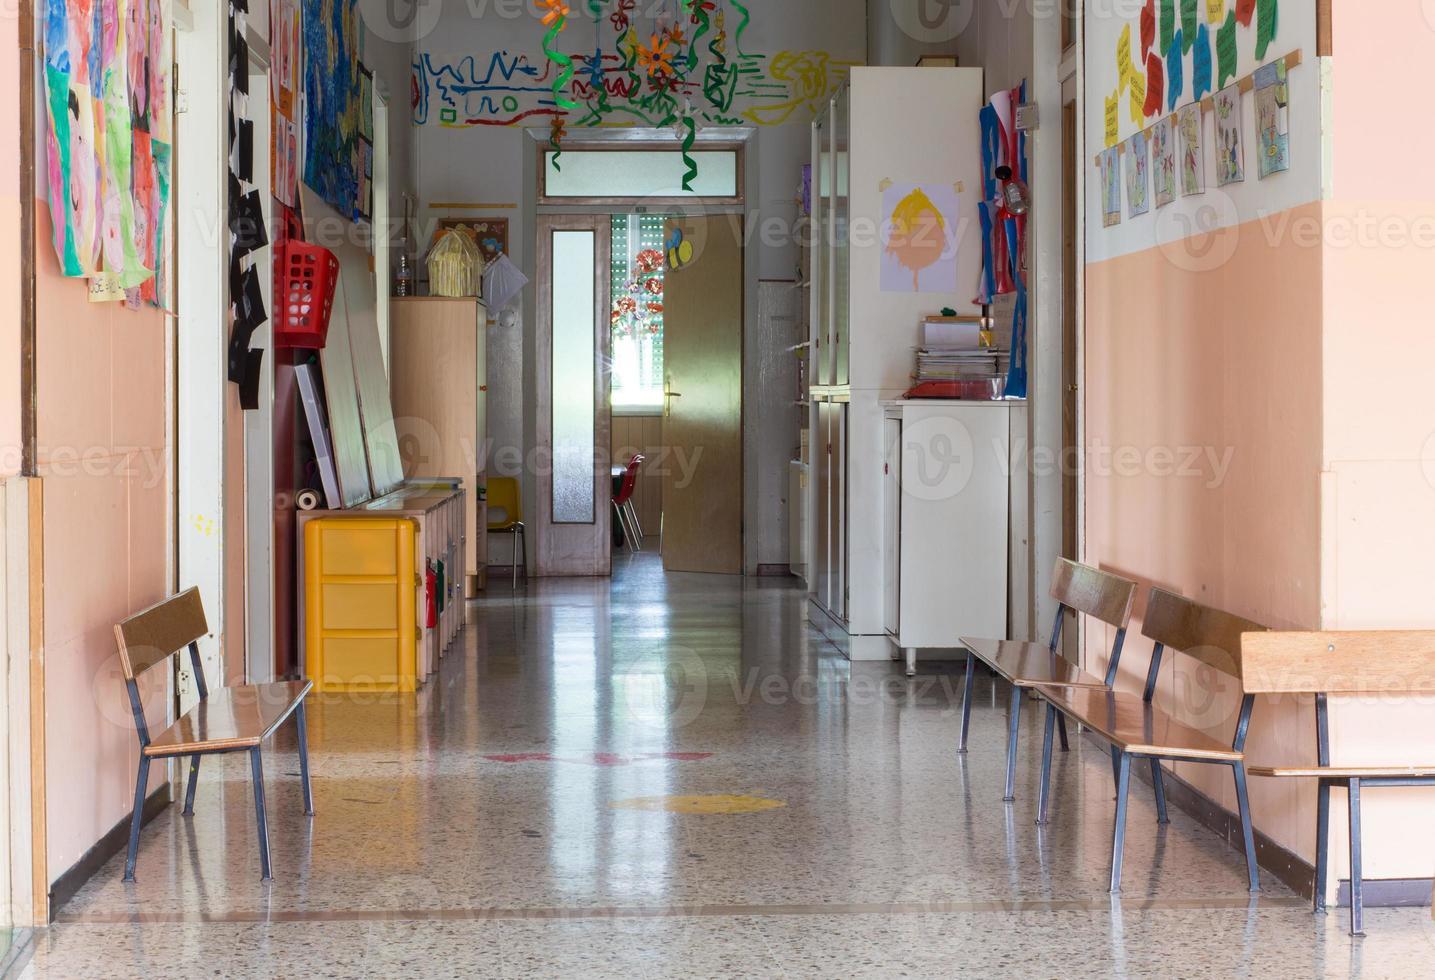 gang van een kinderdagverblijf voor kinderen foto